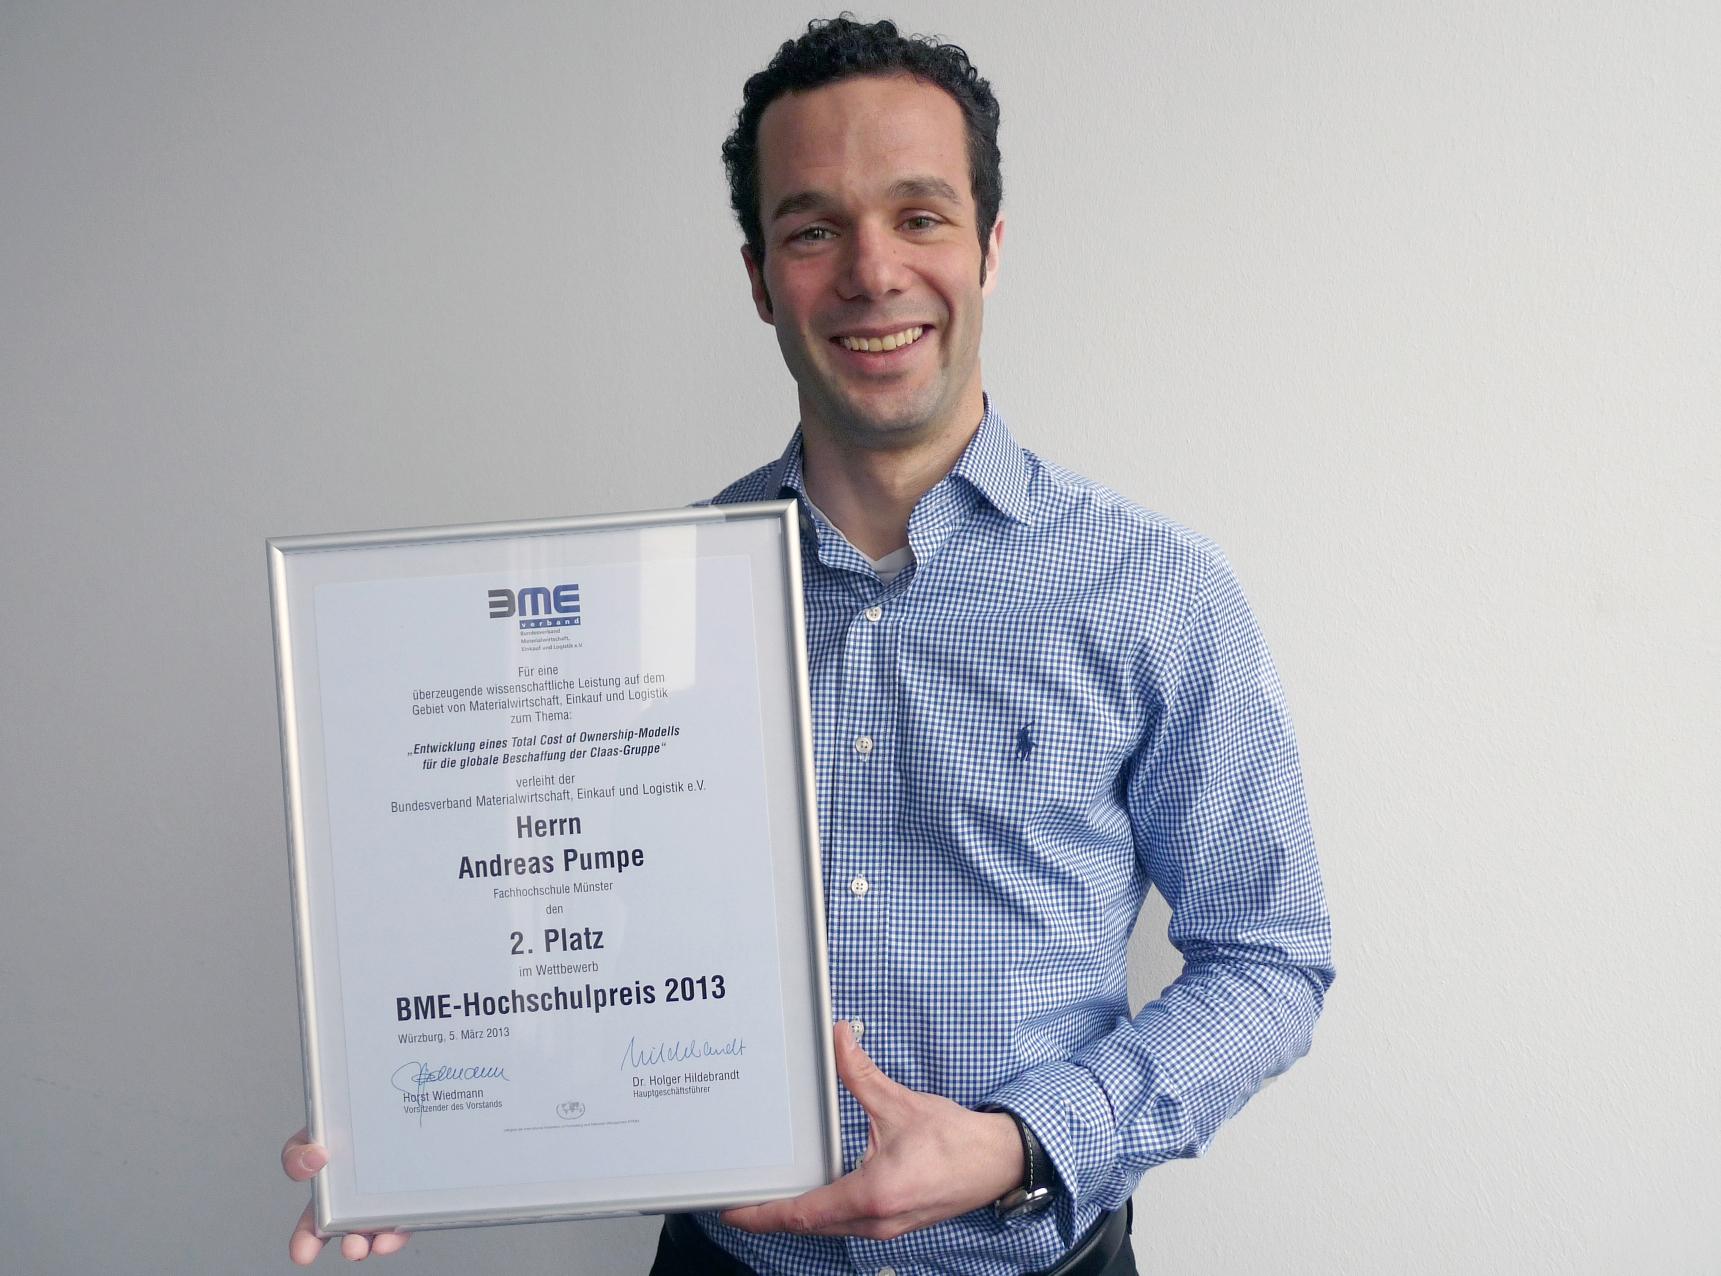 Mit seiner Abschlussarbeit im Masterstudiengang Logistik erkämpfte sich Andreas Pumpe beim BME-Hochschulwettbewerb den 2. Platz. (Foto: FH Münster/Pressestelle)